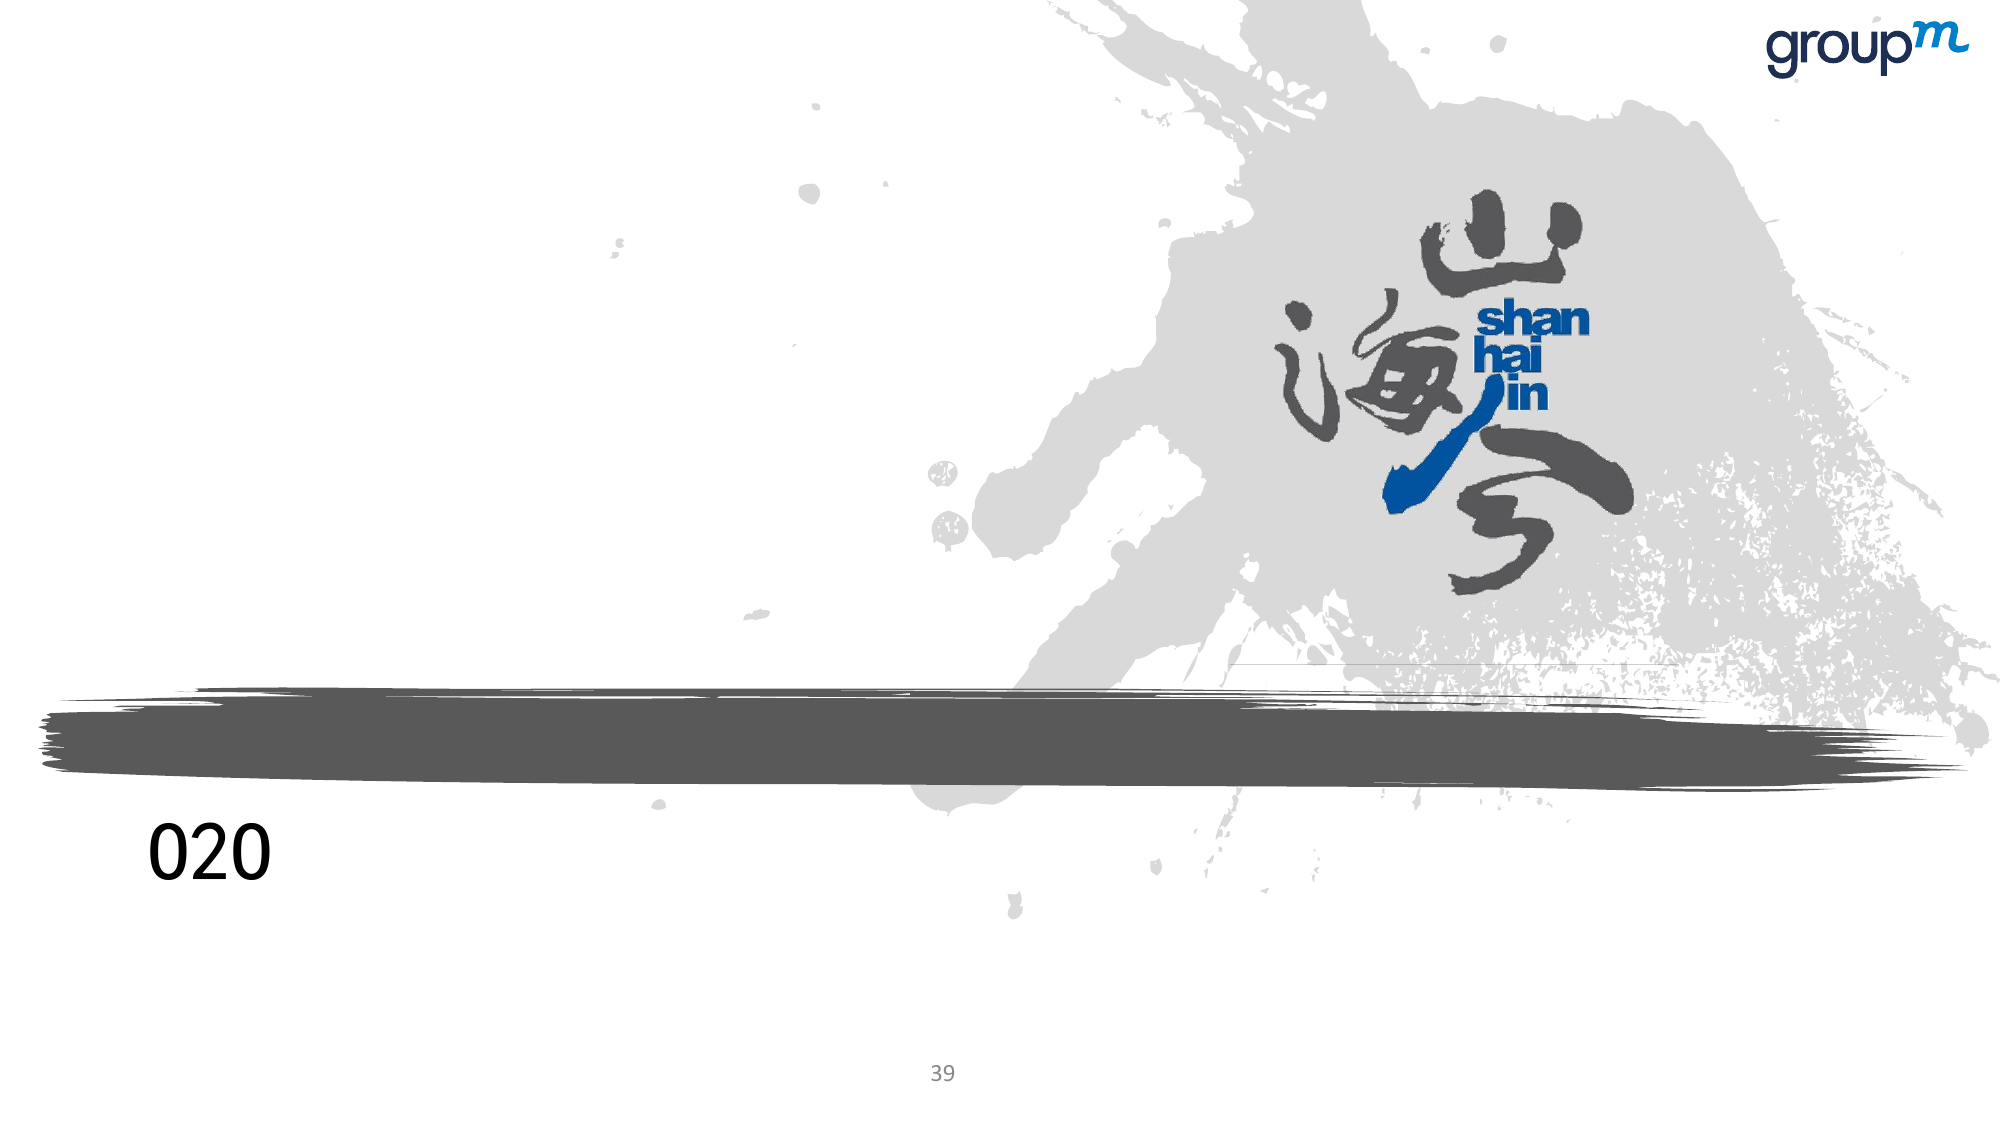 山海今2015中国媒介趋势报告_000039